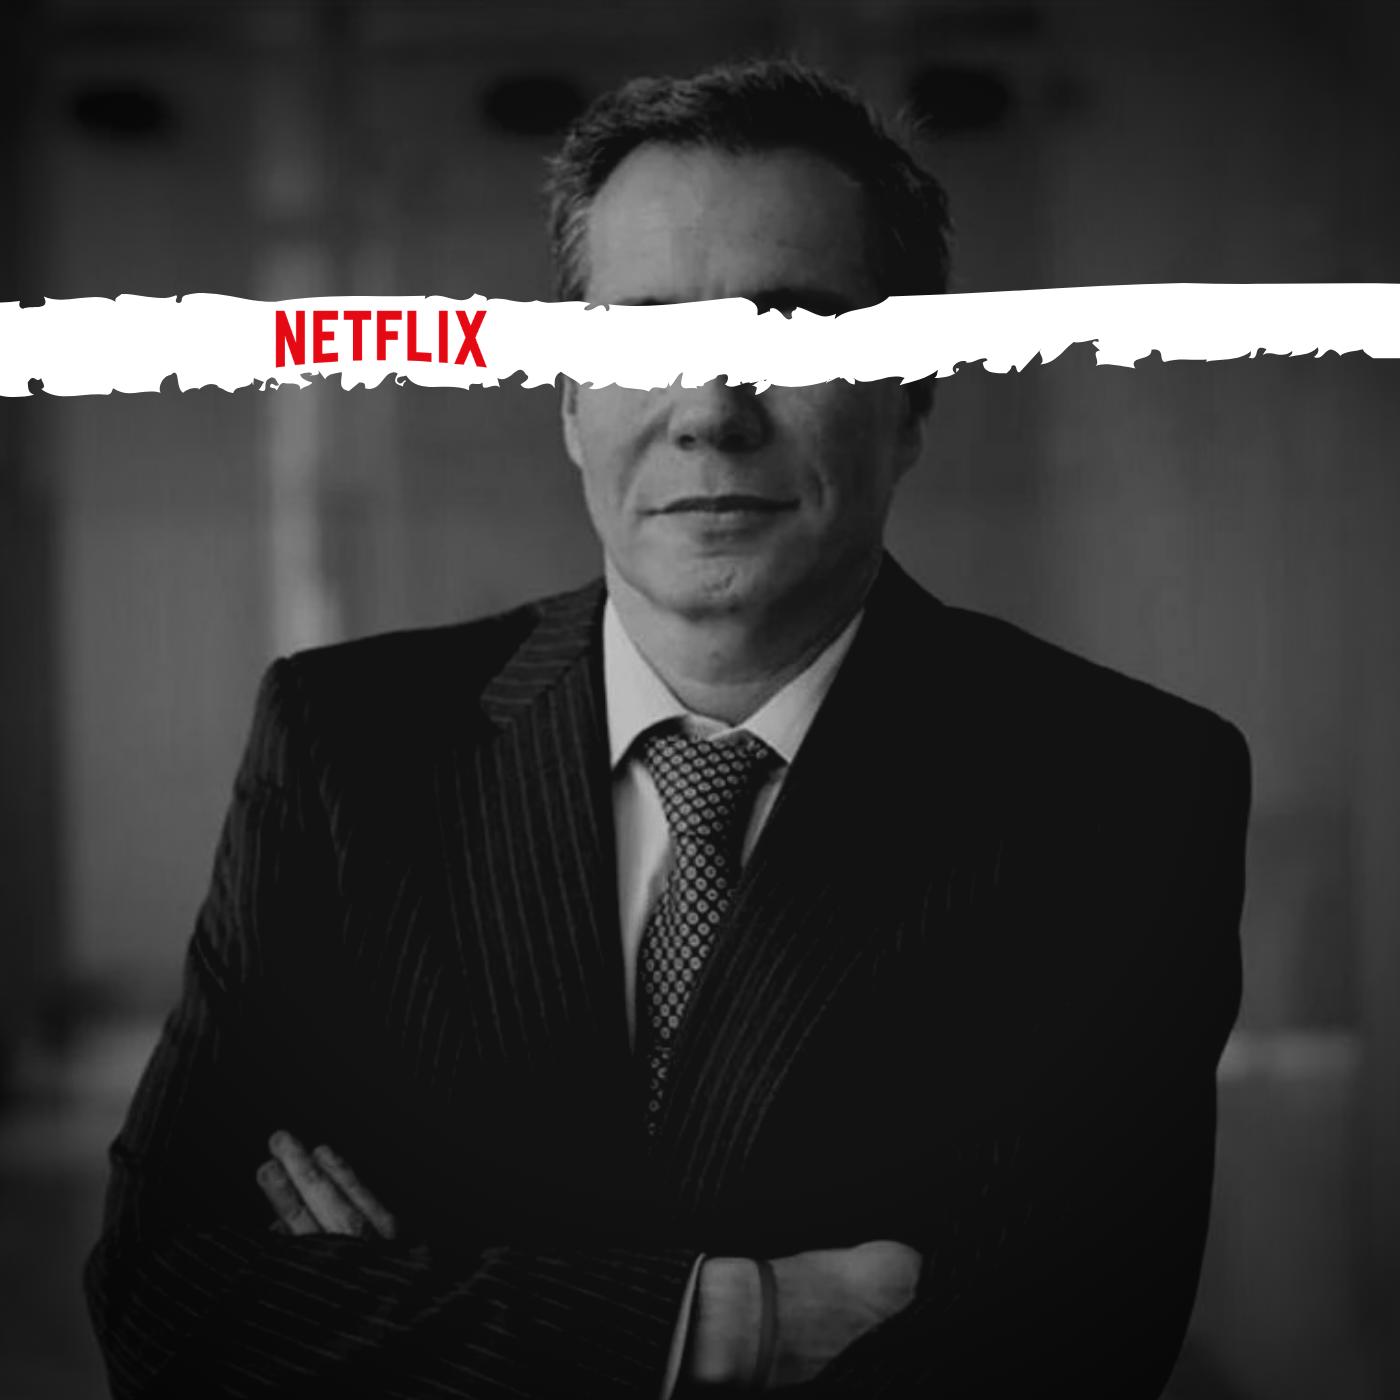 Nisman y el show don't tell